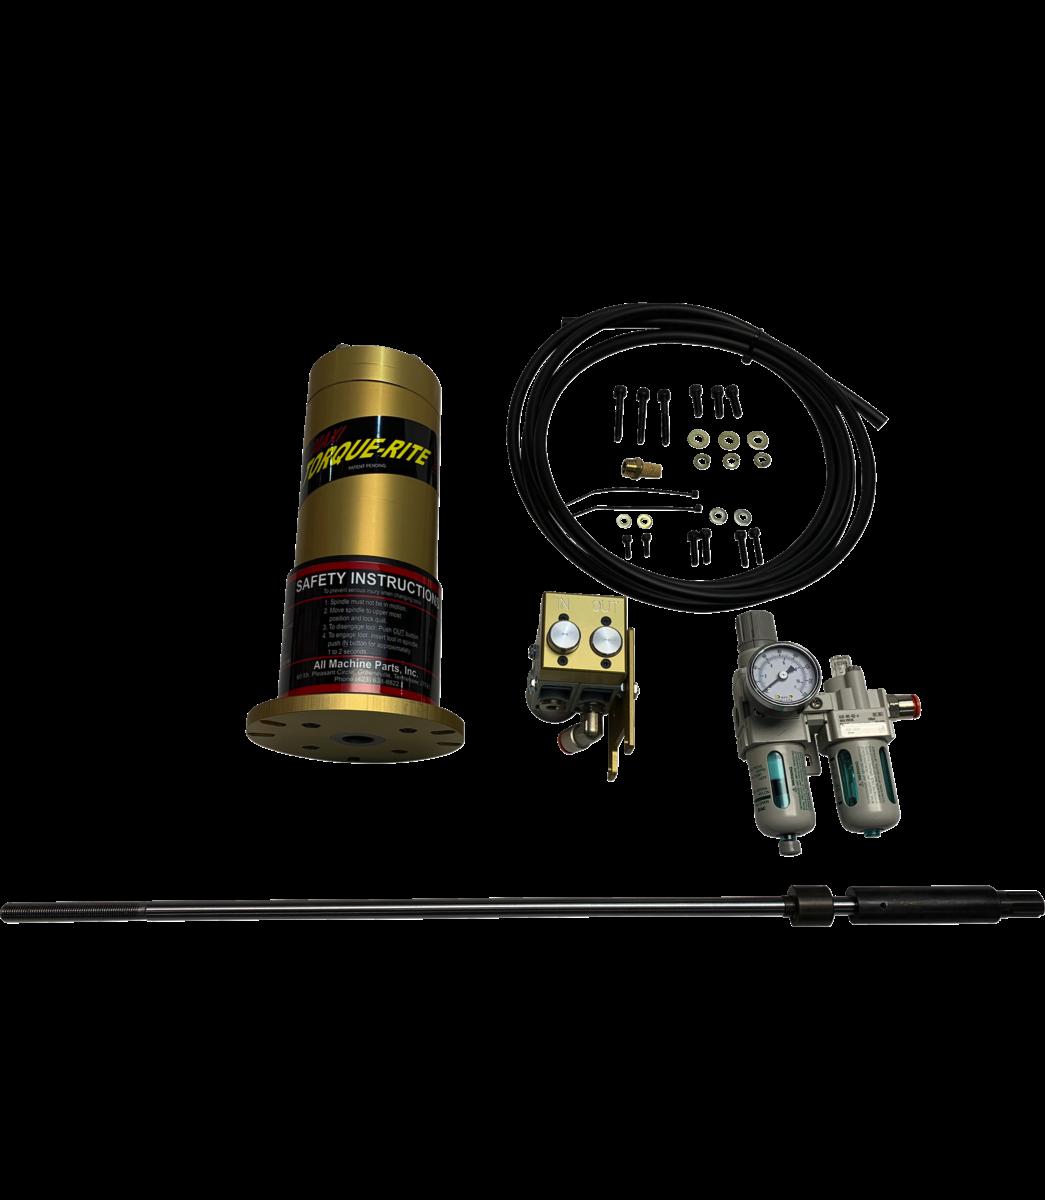 Air Power Drawbar Kit for JTM1050 & JTM1254RVS CNC